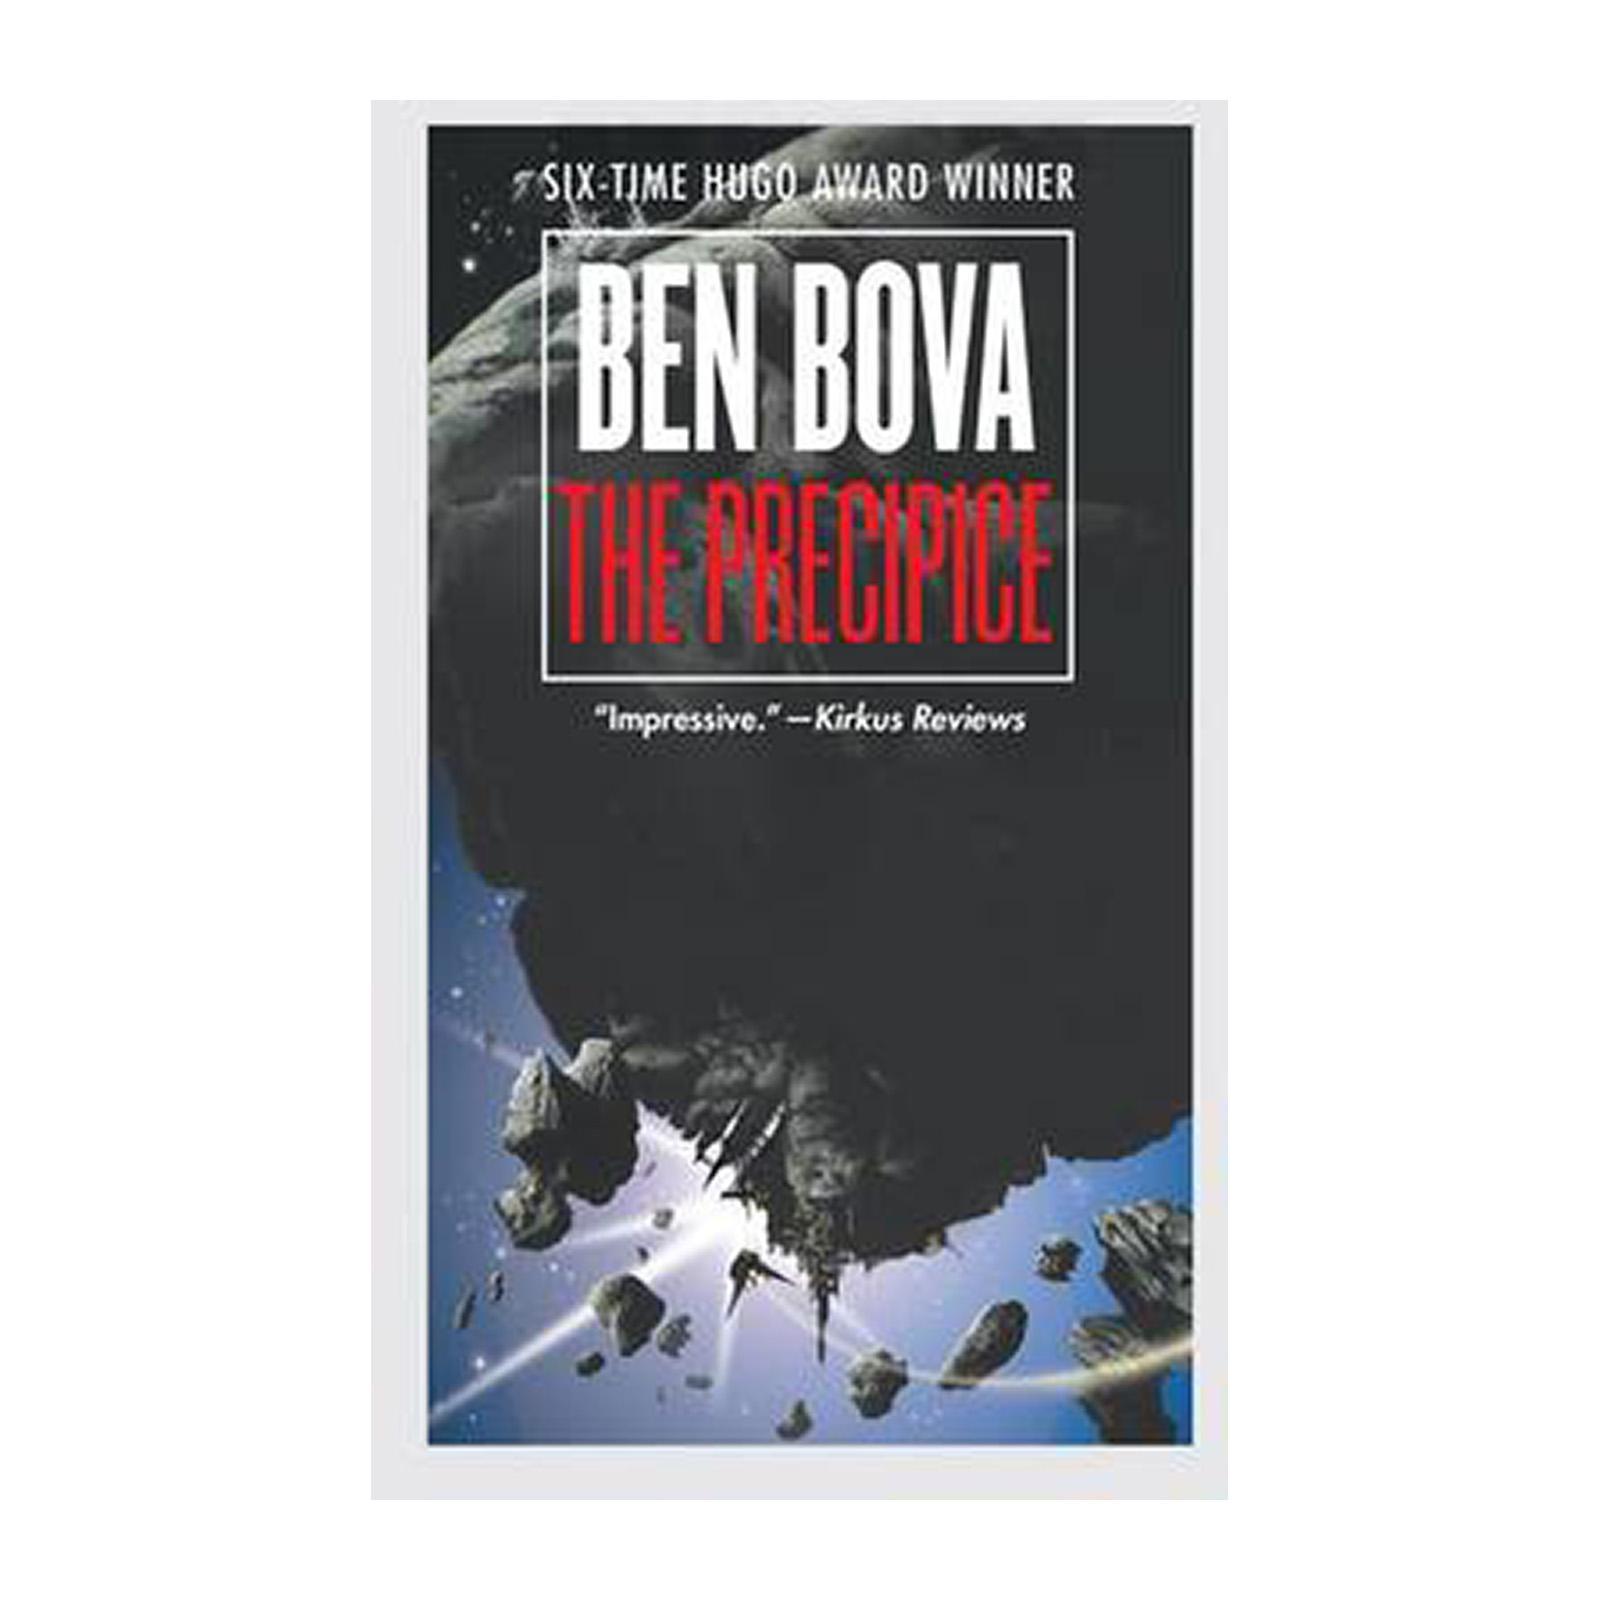 The Precipice (Paperback)